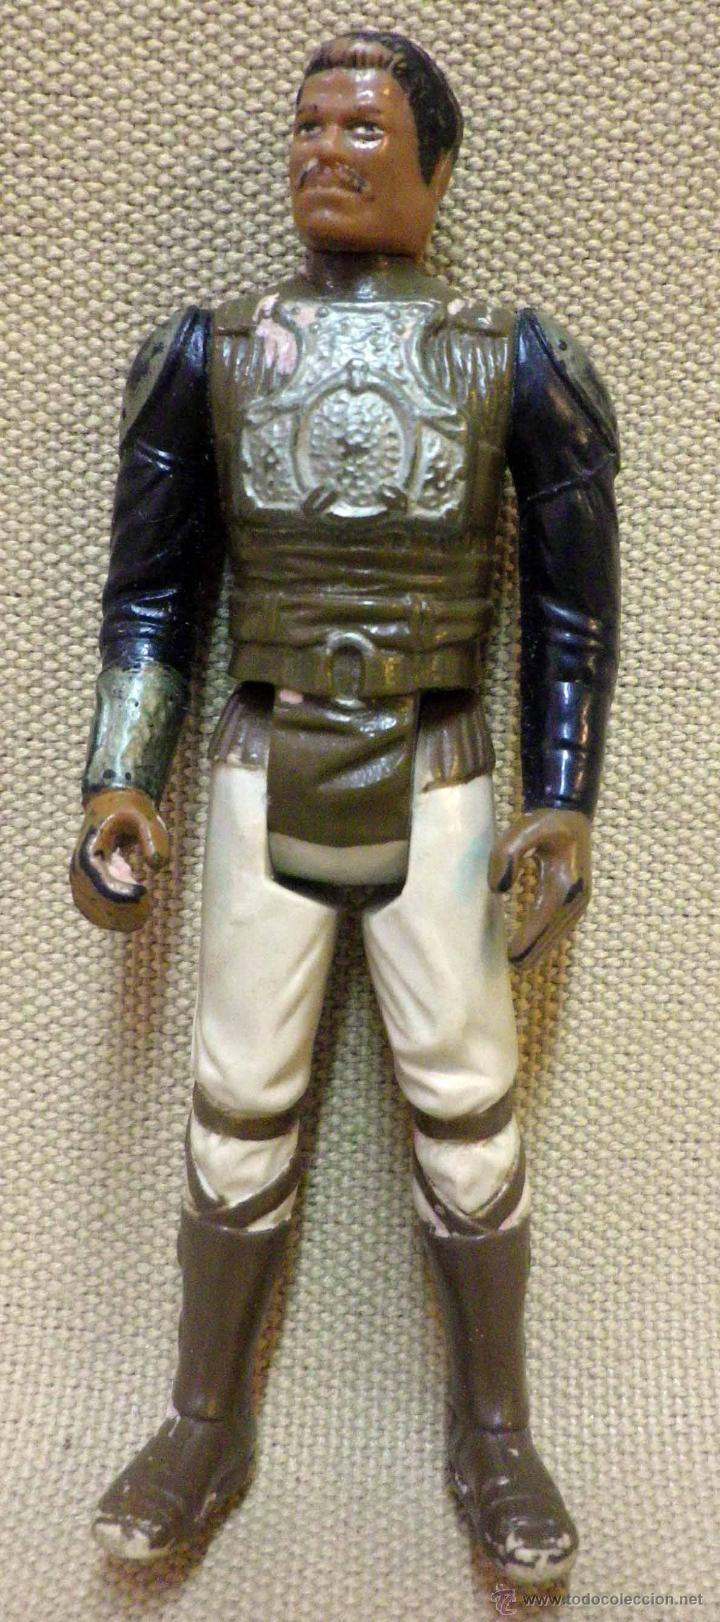 FIGURA STAR WARS LANDO SKIFF GUARD, VINTAGE, AÑOS 80. (Juguetes - Figuras de Acción - Star Wars)